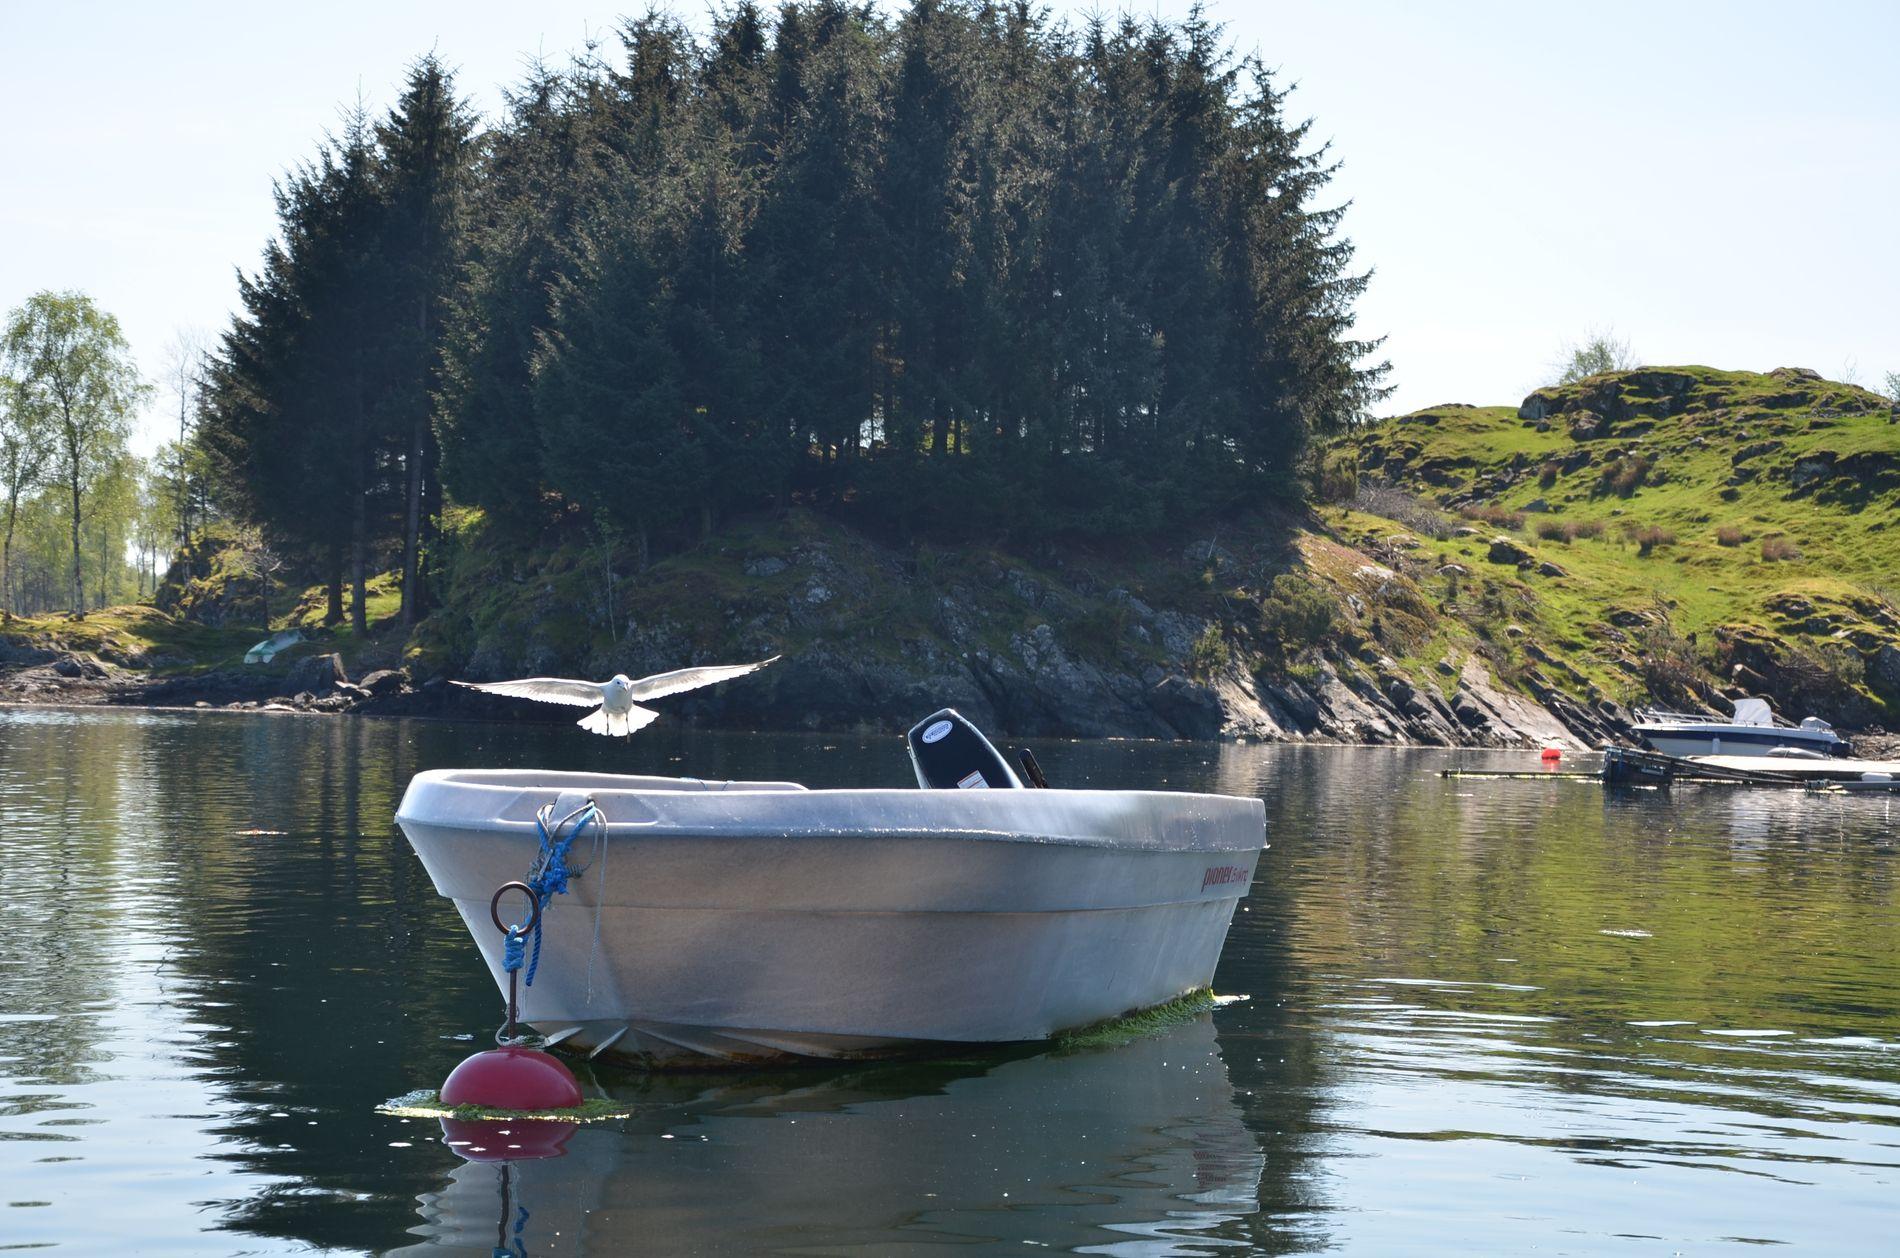 PASSER PÅ: Fiskemåsene har funnet en trygg plass til reiret sitt. Det er vanskelig for andre dyr å komme til. I tillegg må båteieren kunne betegnes som måsevennlig.